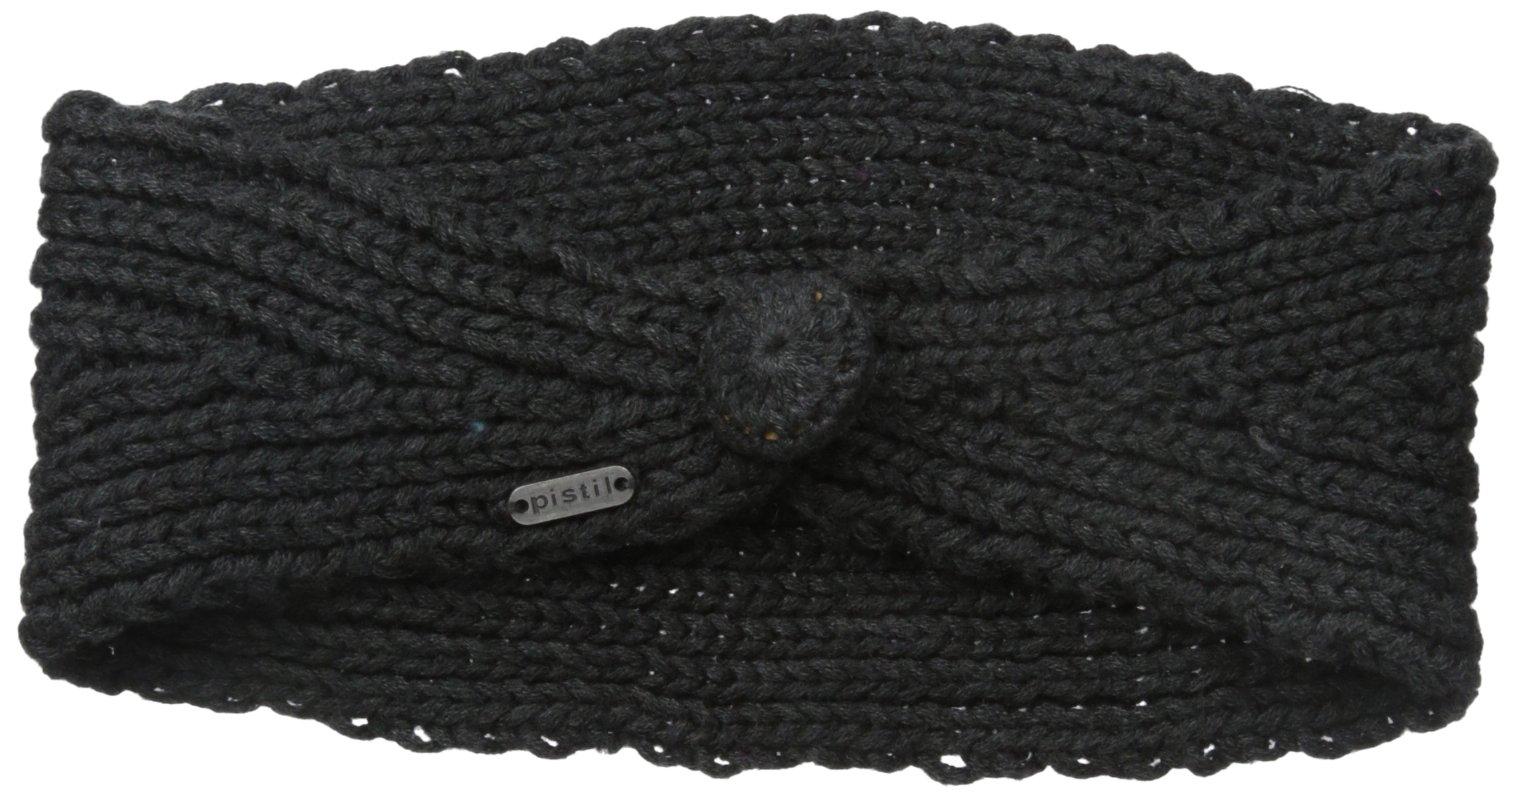 Pistil Women's Frida Headband, Charcoal